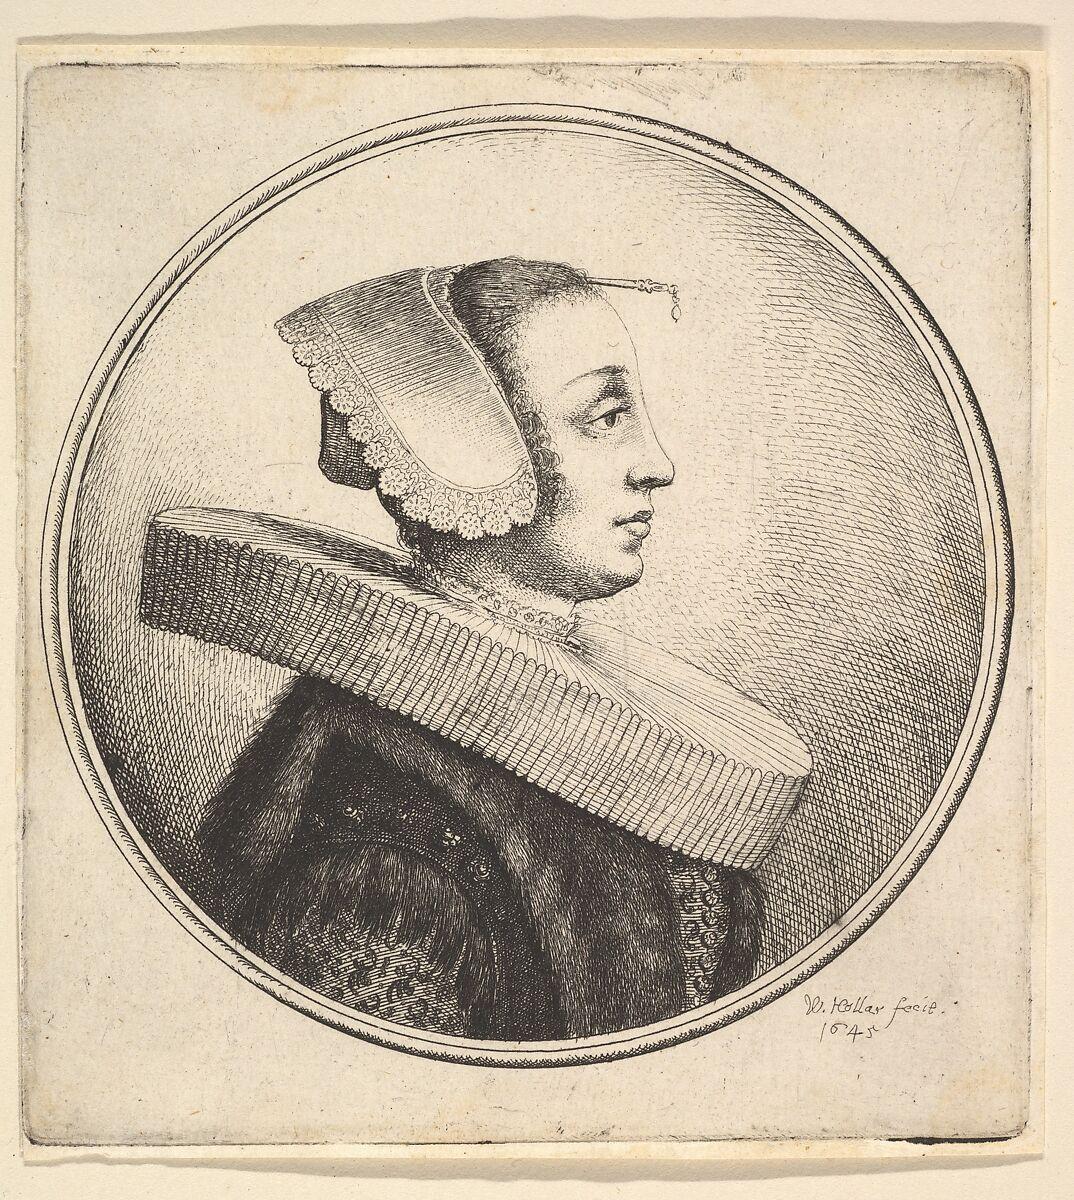 Wenceslaus Hollar | Woman with circular ruff, bonnet and